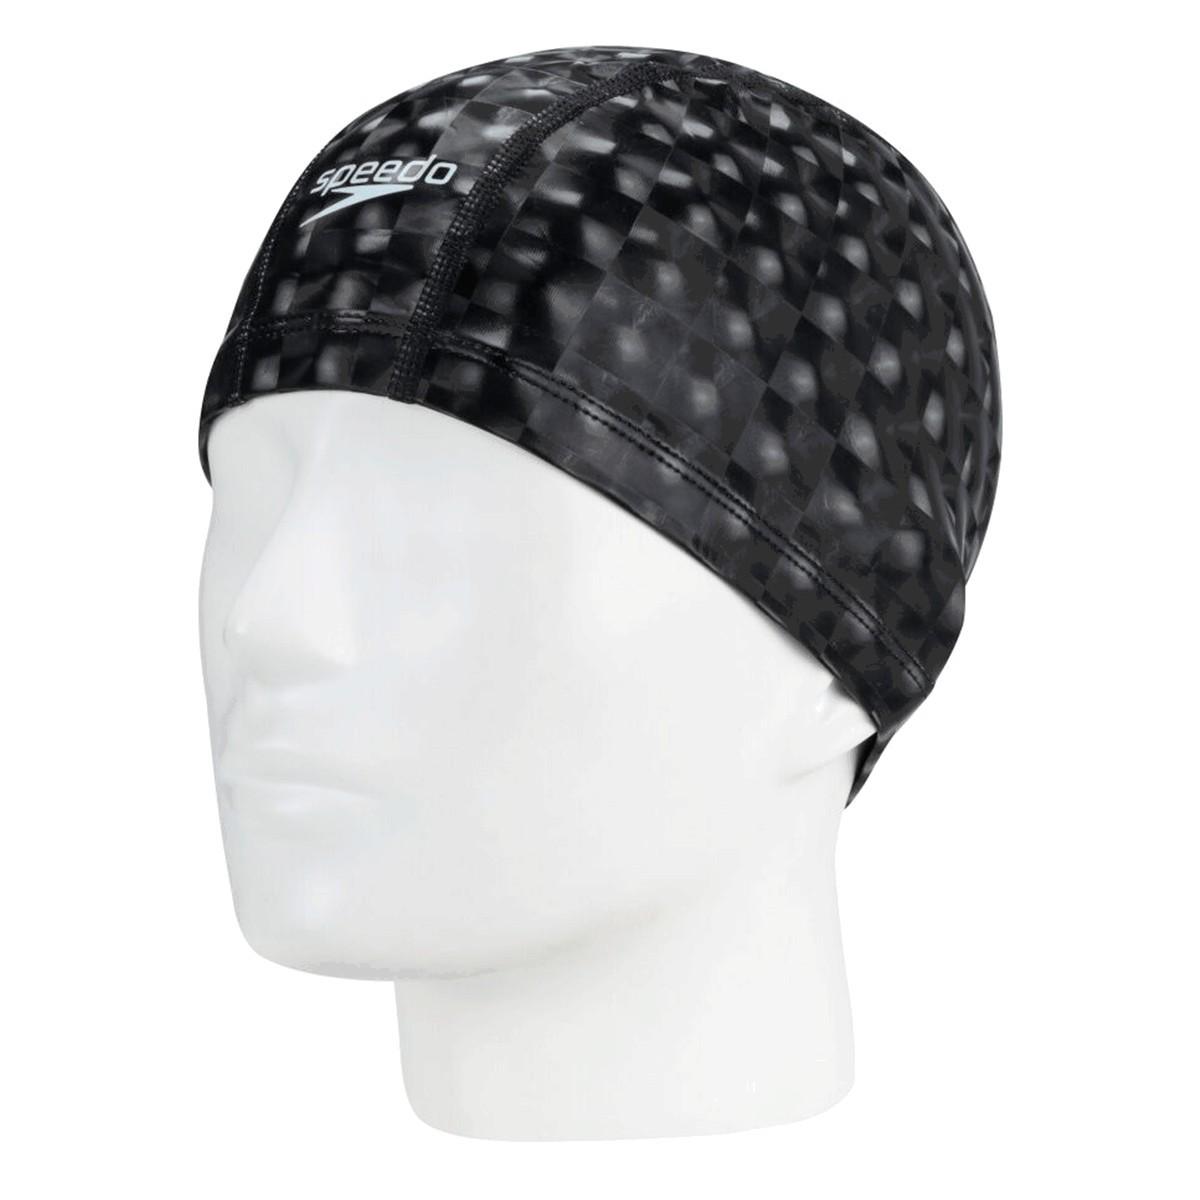 Touca de Natação Speedo Comfort 3D Preto